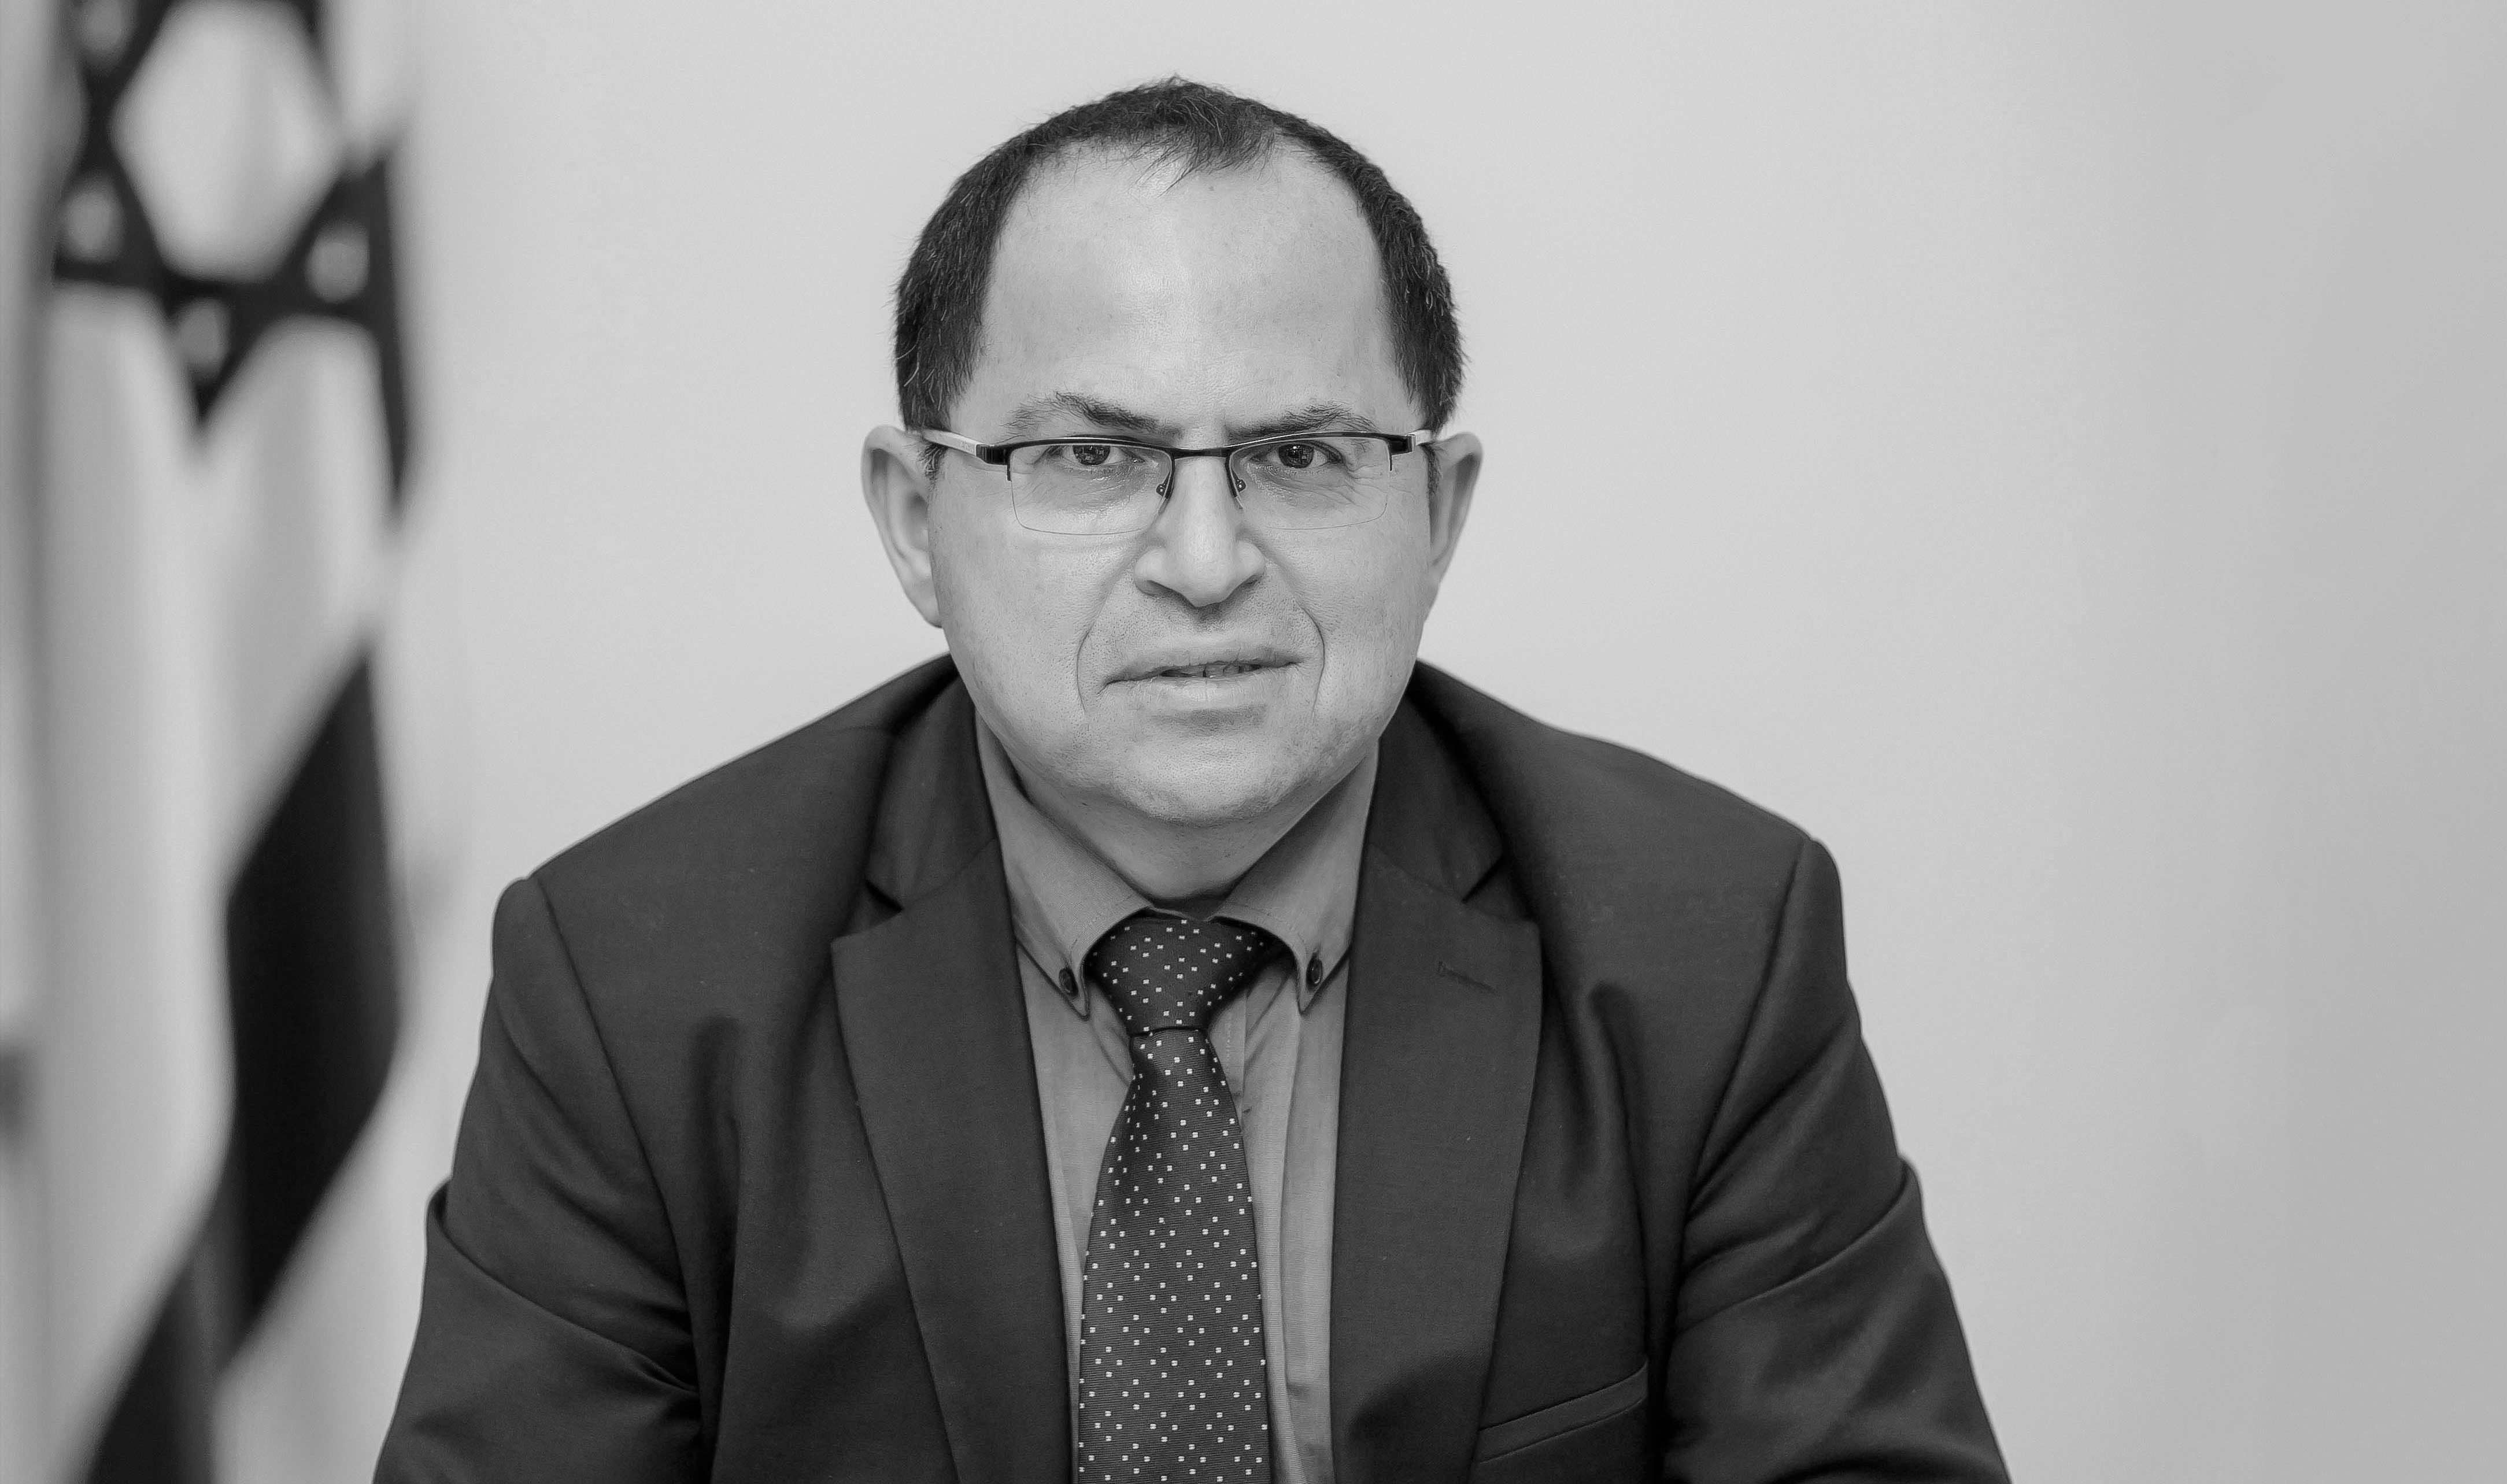 Израиль и Узбекистан: по одной дороге к лучшей жизни. Эдуард Шапира